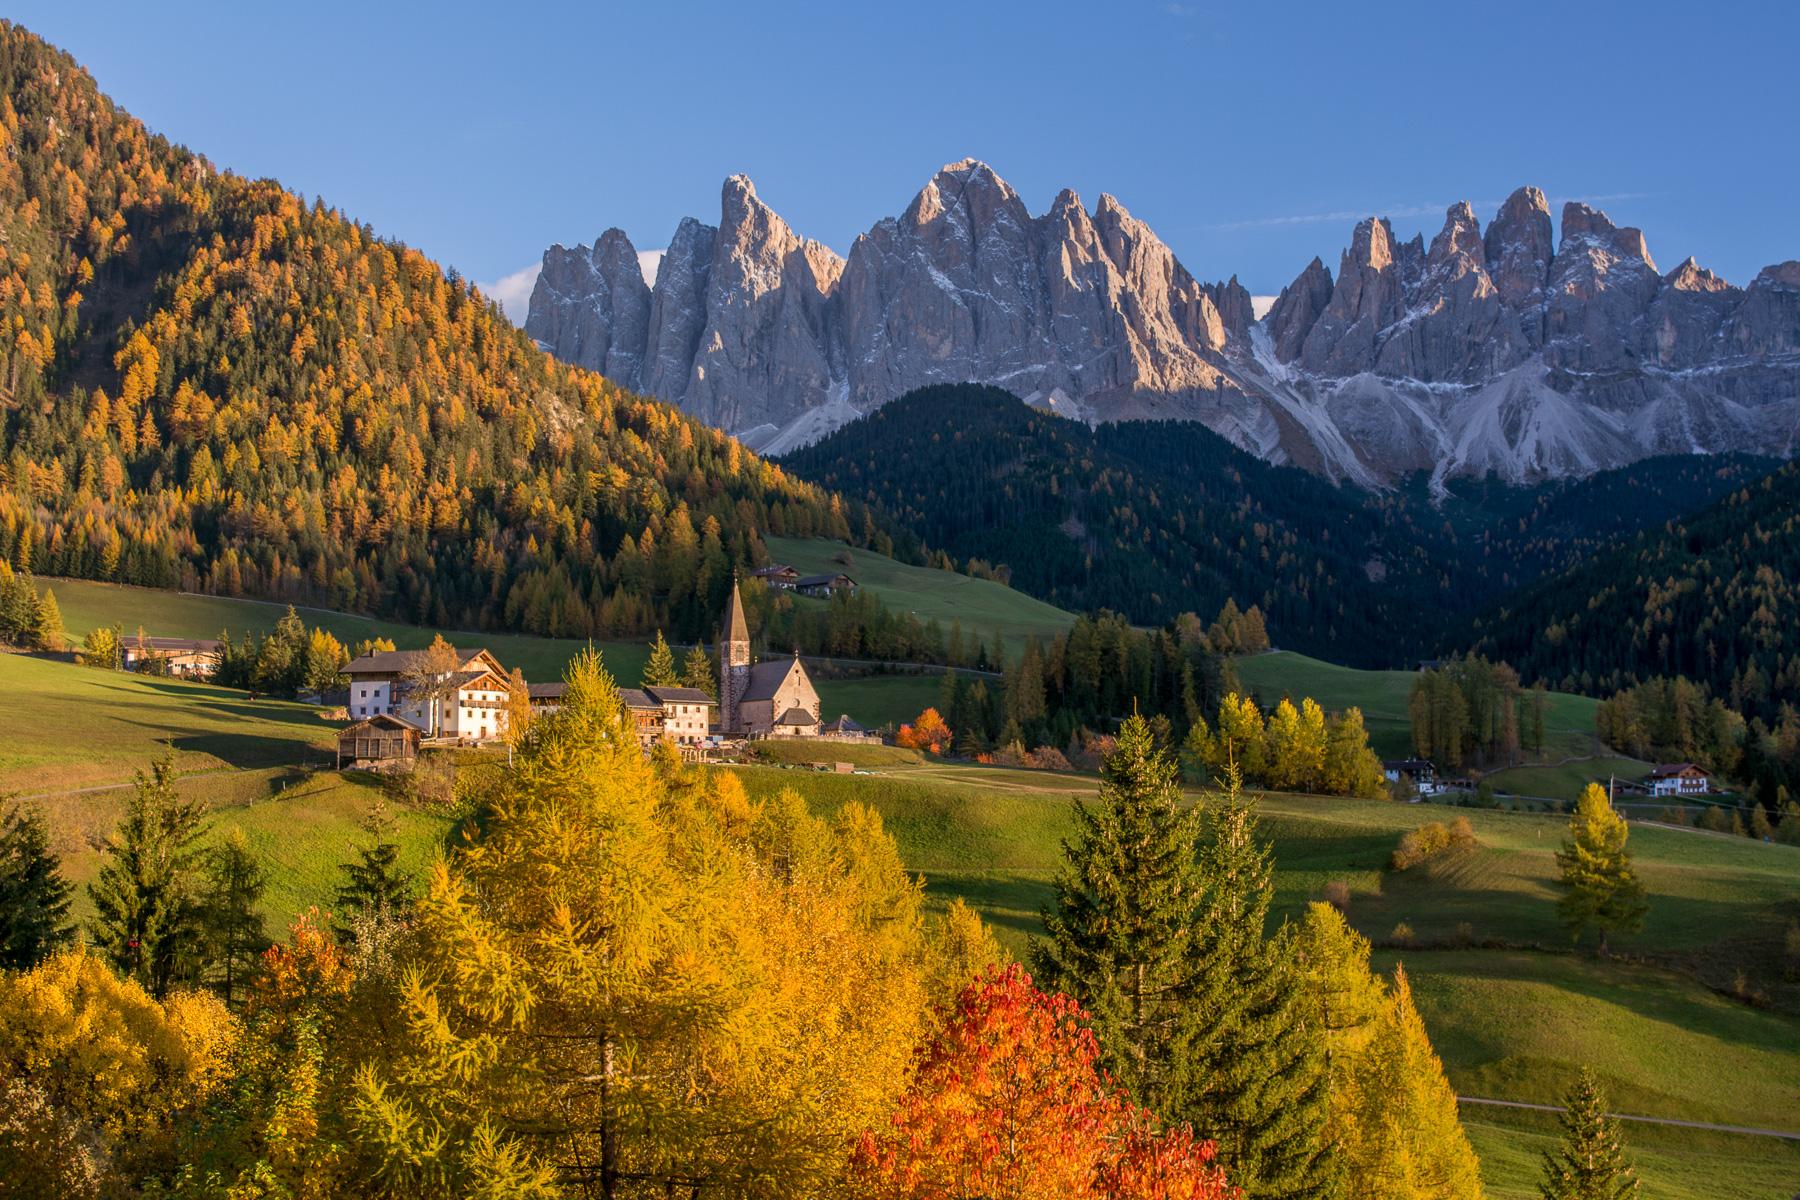 Podzimní Dolomity podruhé: Val Di Funes (Villnöß), Odler, Santa Maddalena